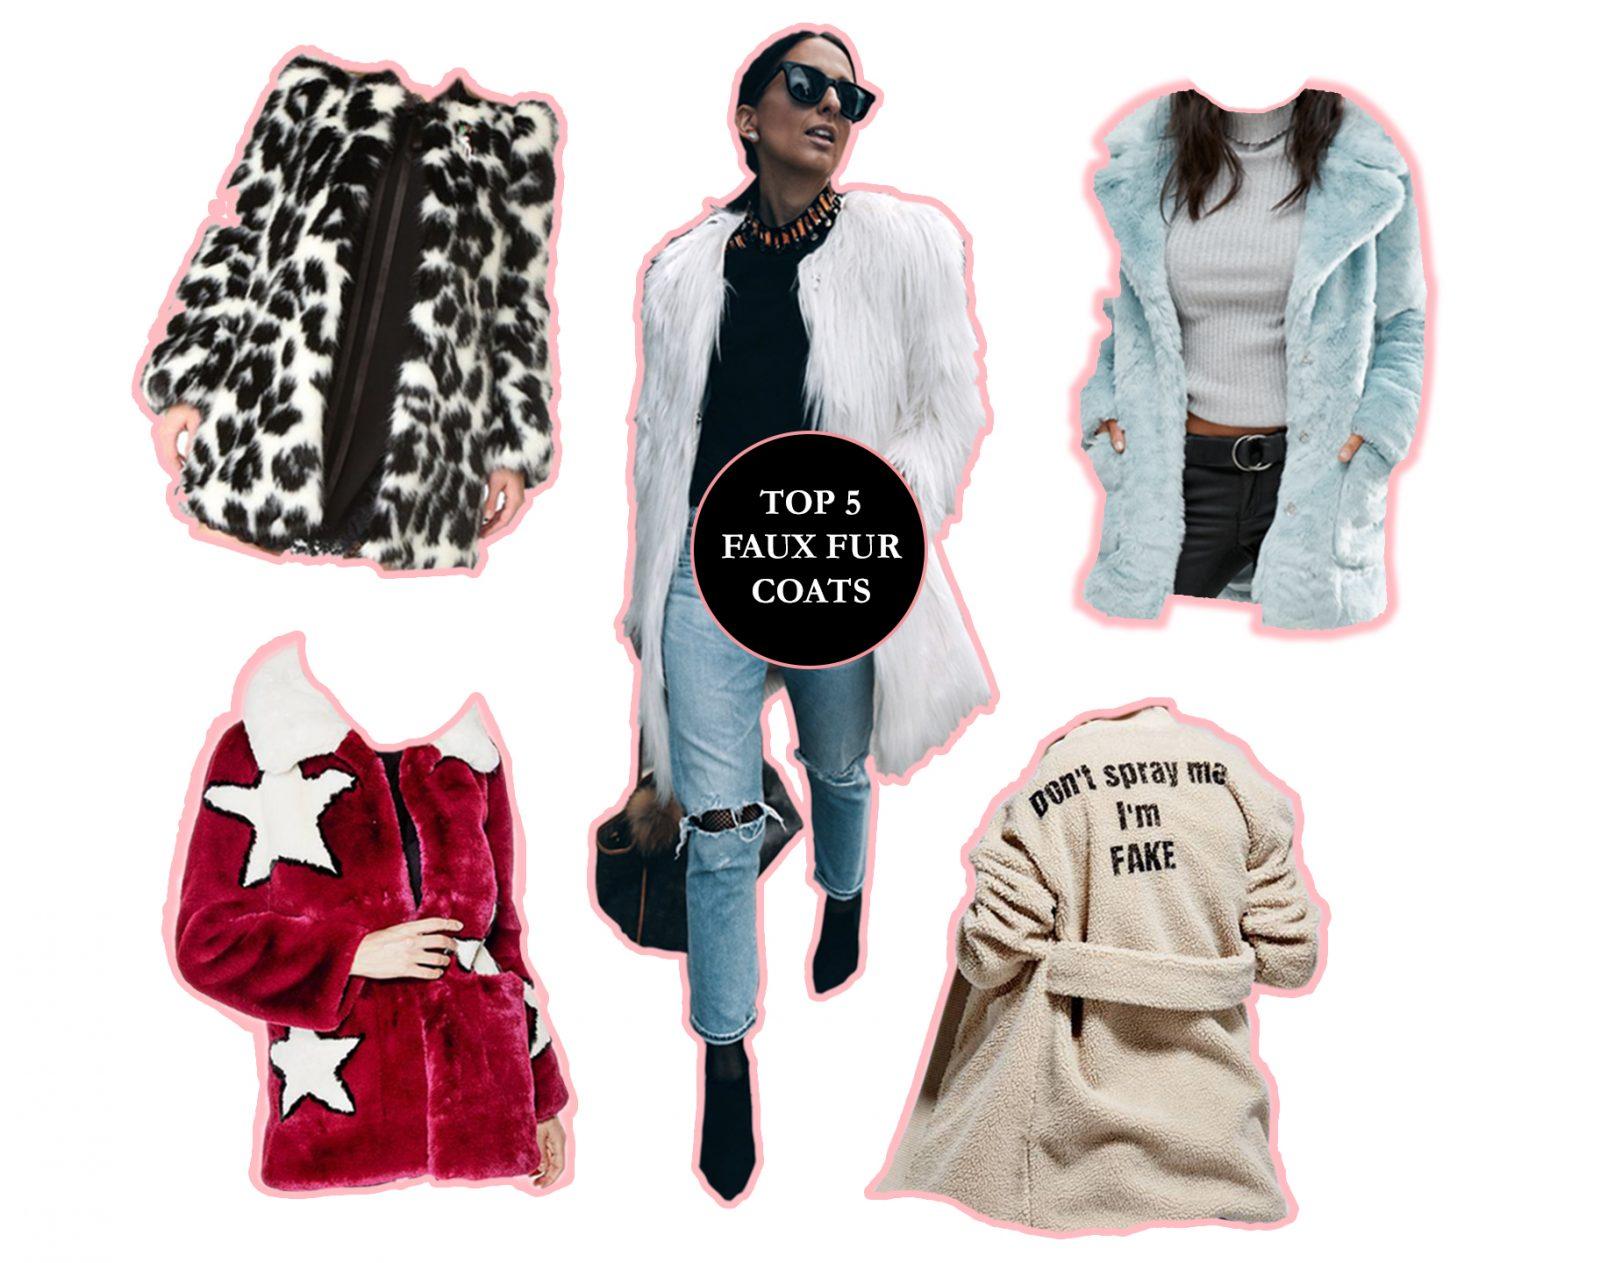 My Favourite Faux Fur Coats!